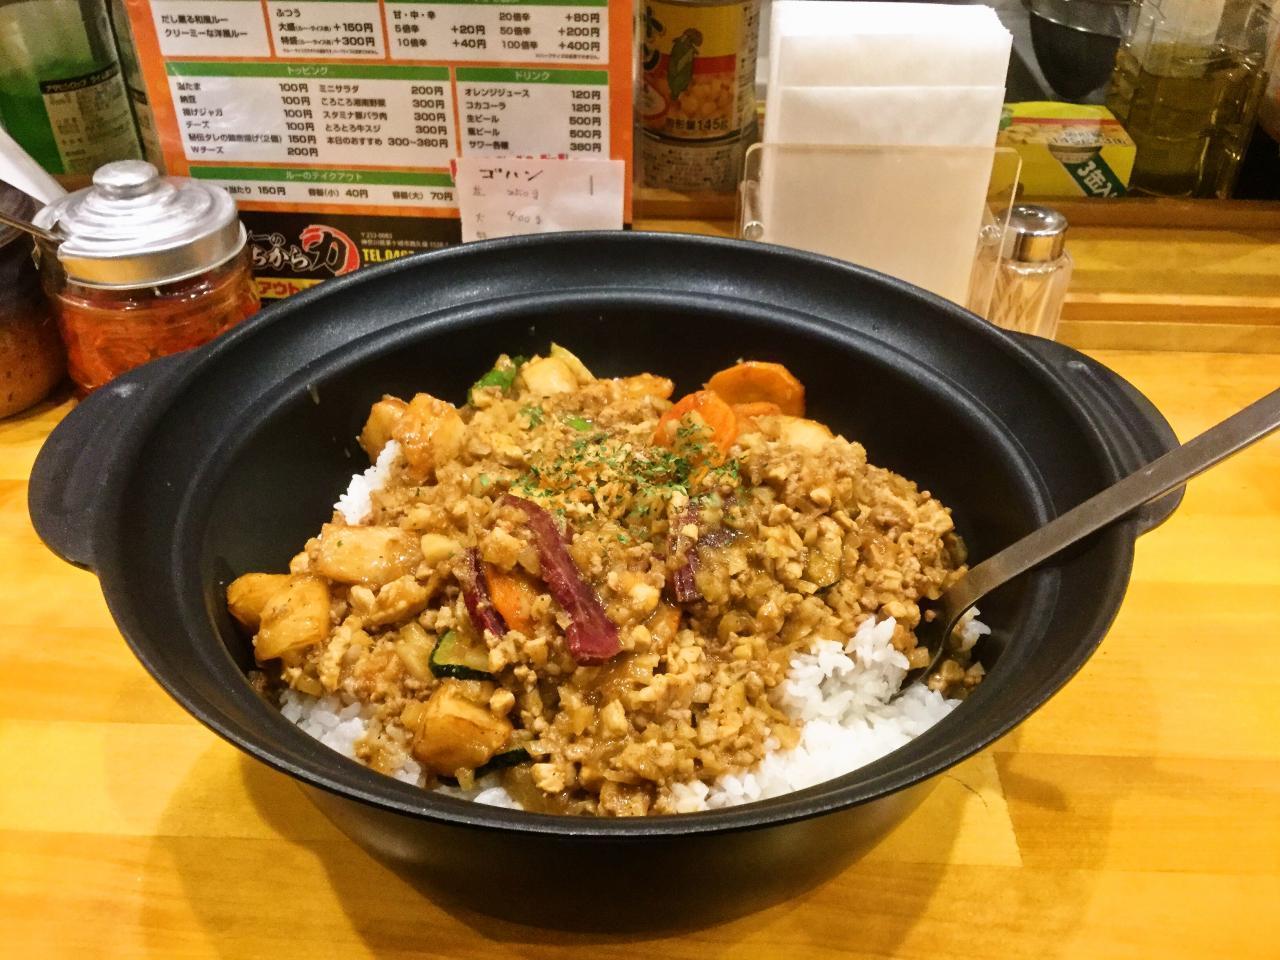 カレーの力 茅ヶ崎(大皿)